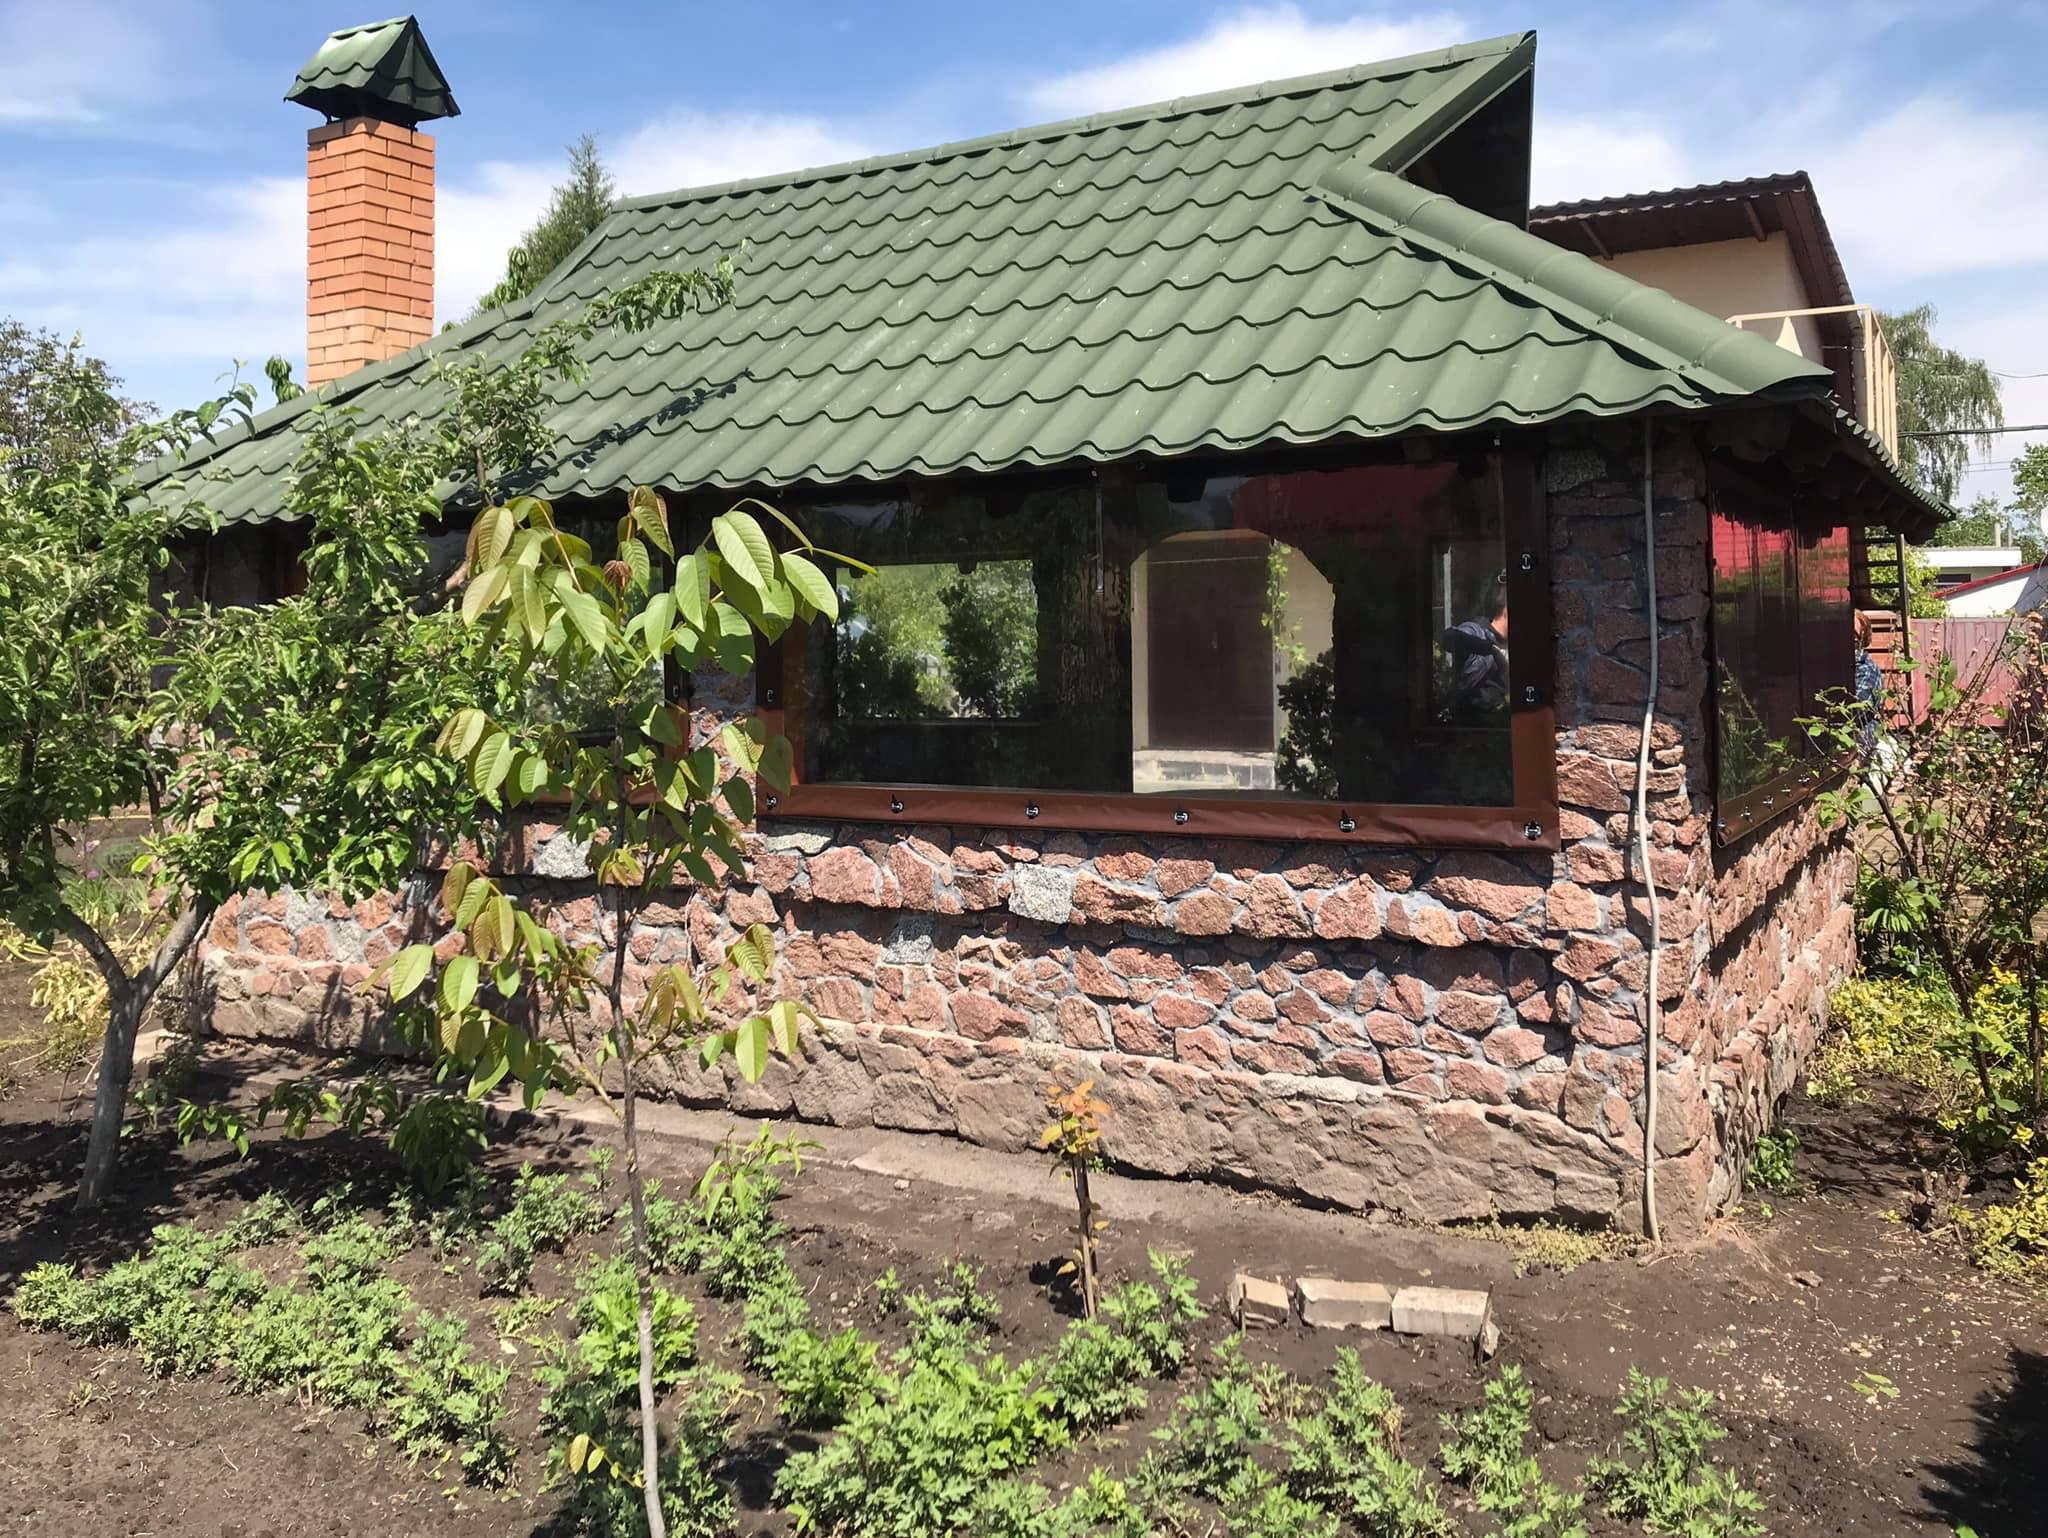 ПВХ шторы на каменную беседку в городе Борисполь